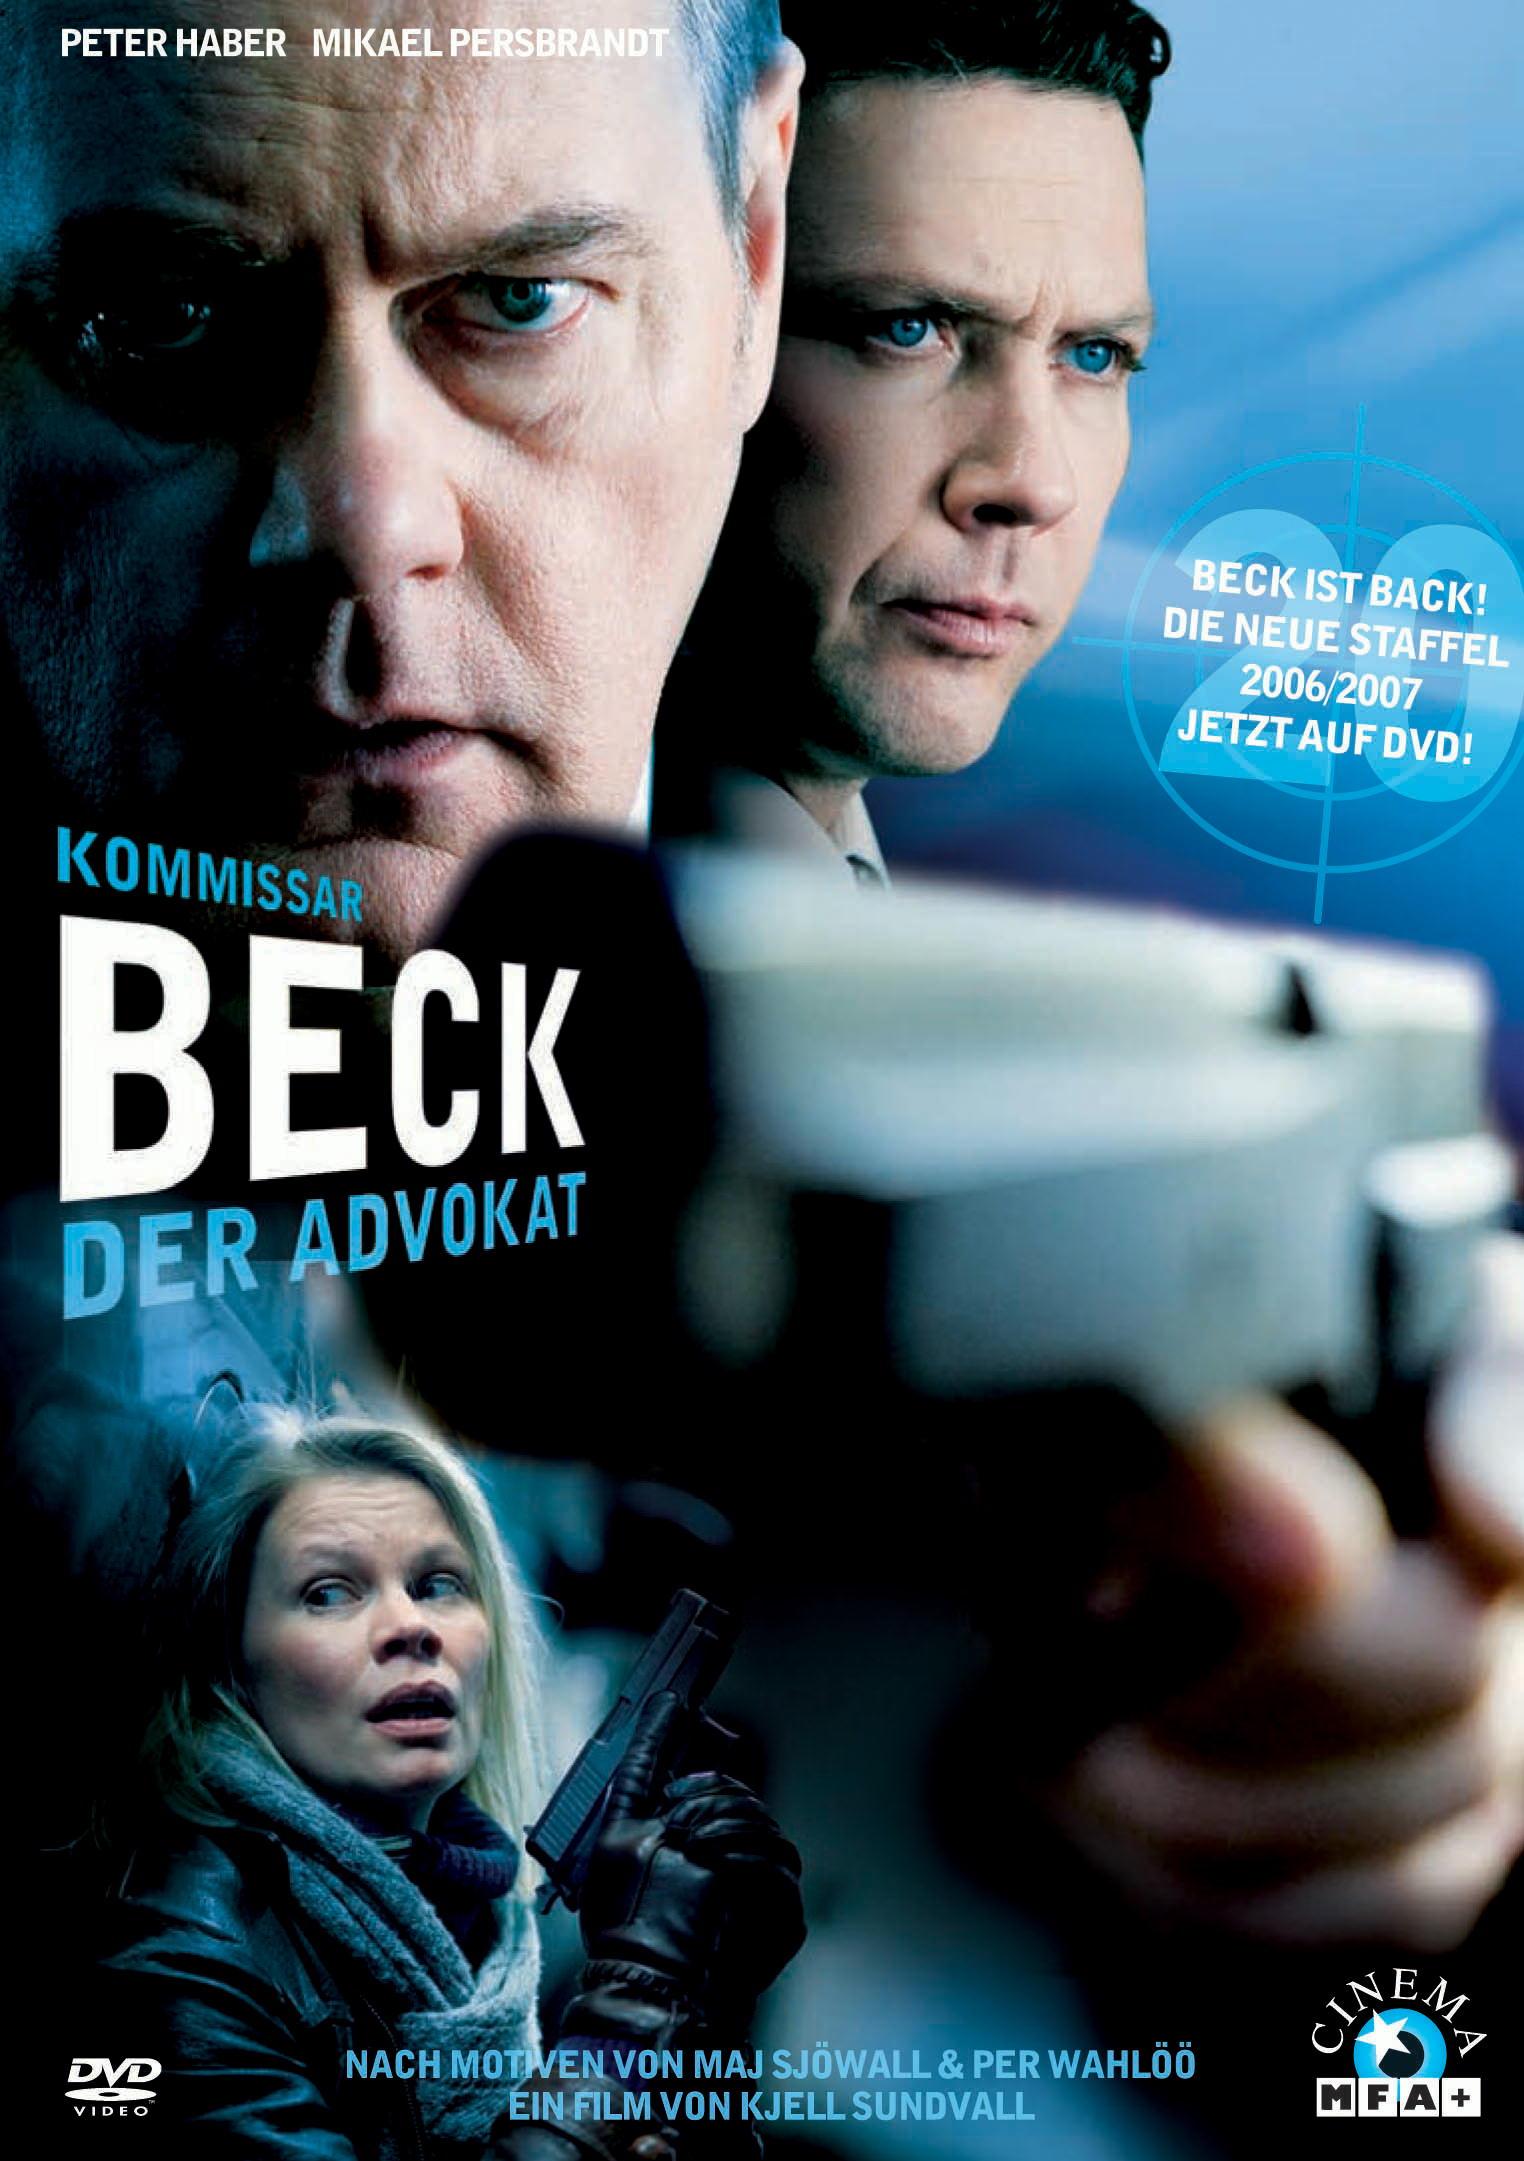 Kommissar Beck: Der Advokat Poster